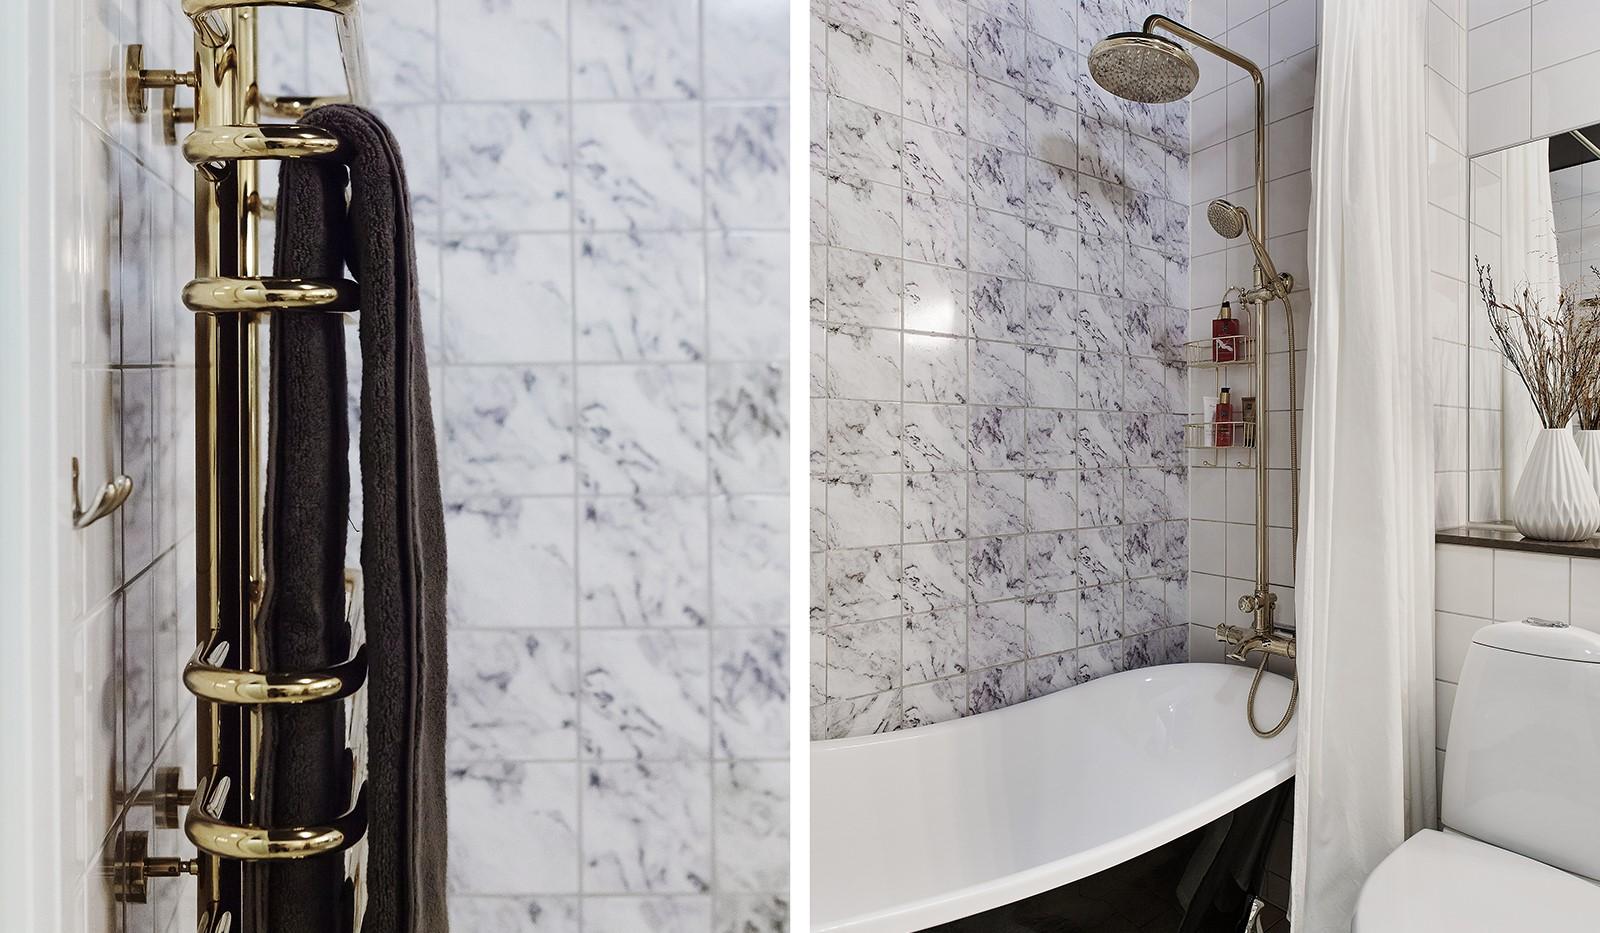 Korphoppsgatan 25, 2 tr Gårdshus! - Badrummet är stilrent uppdaterat med smakfull inredning